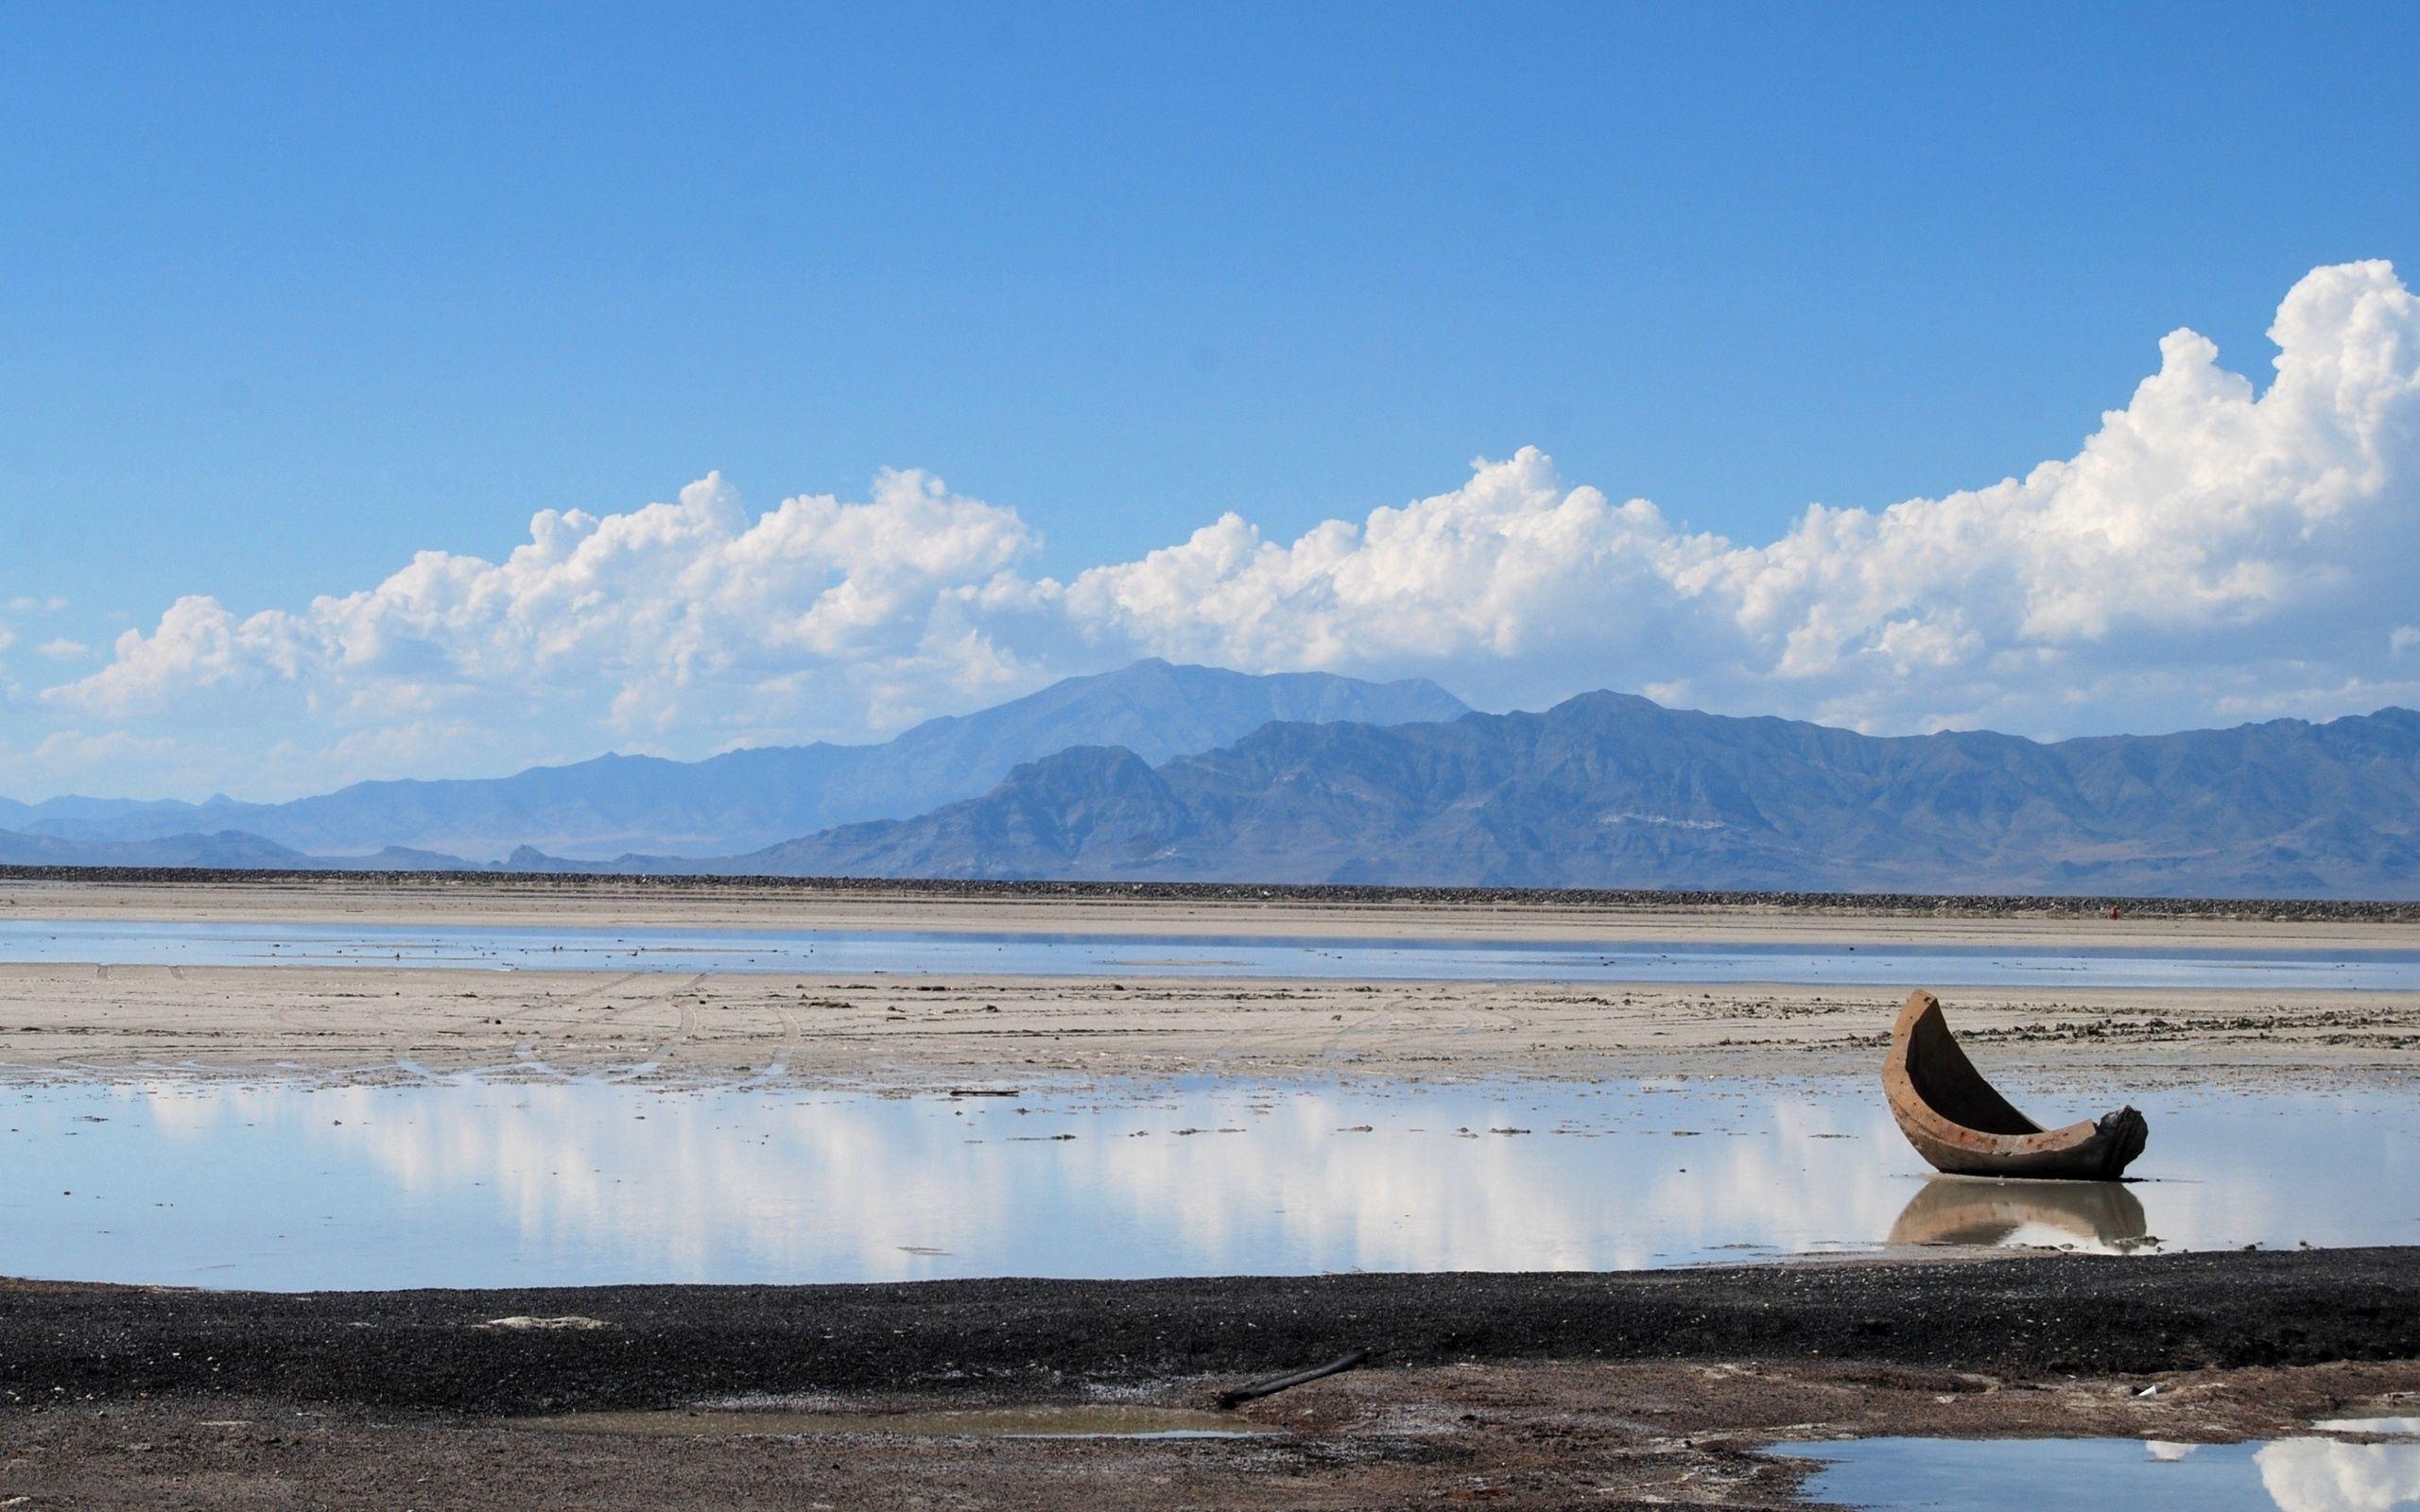 153182 Hintergrundbild herunterladen Natur, Mountains, Clouds, Küste, Dahl, Distanz, Chip, Ebbe, Pfützen, Fragment - Bildschirmschoner und Bilder kostenlos